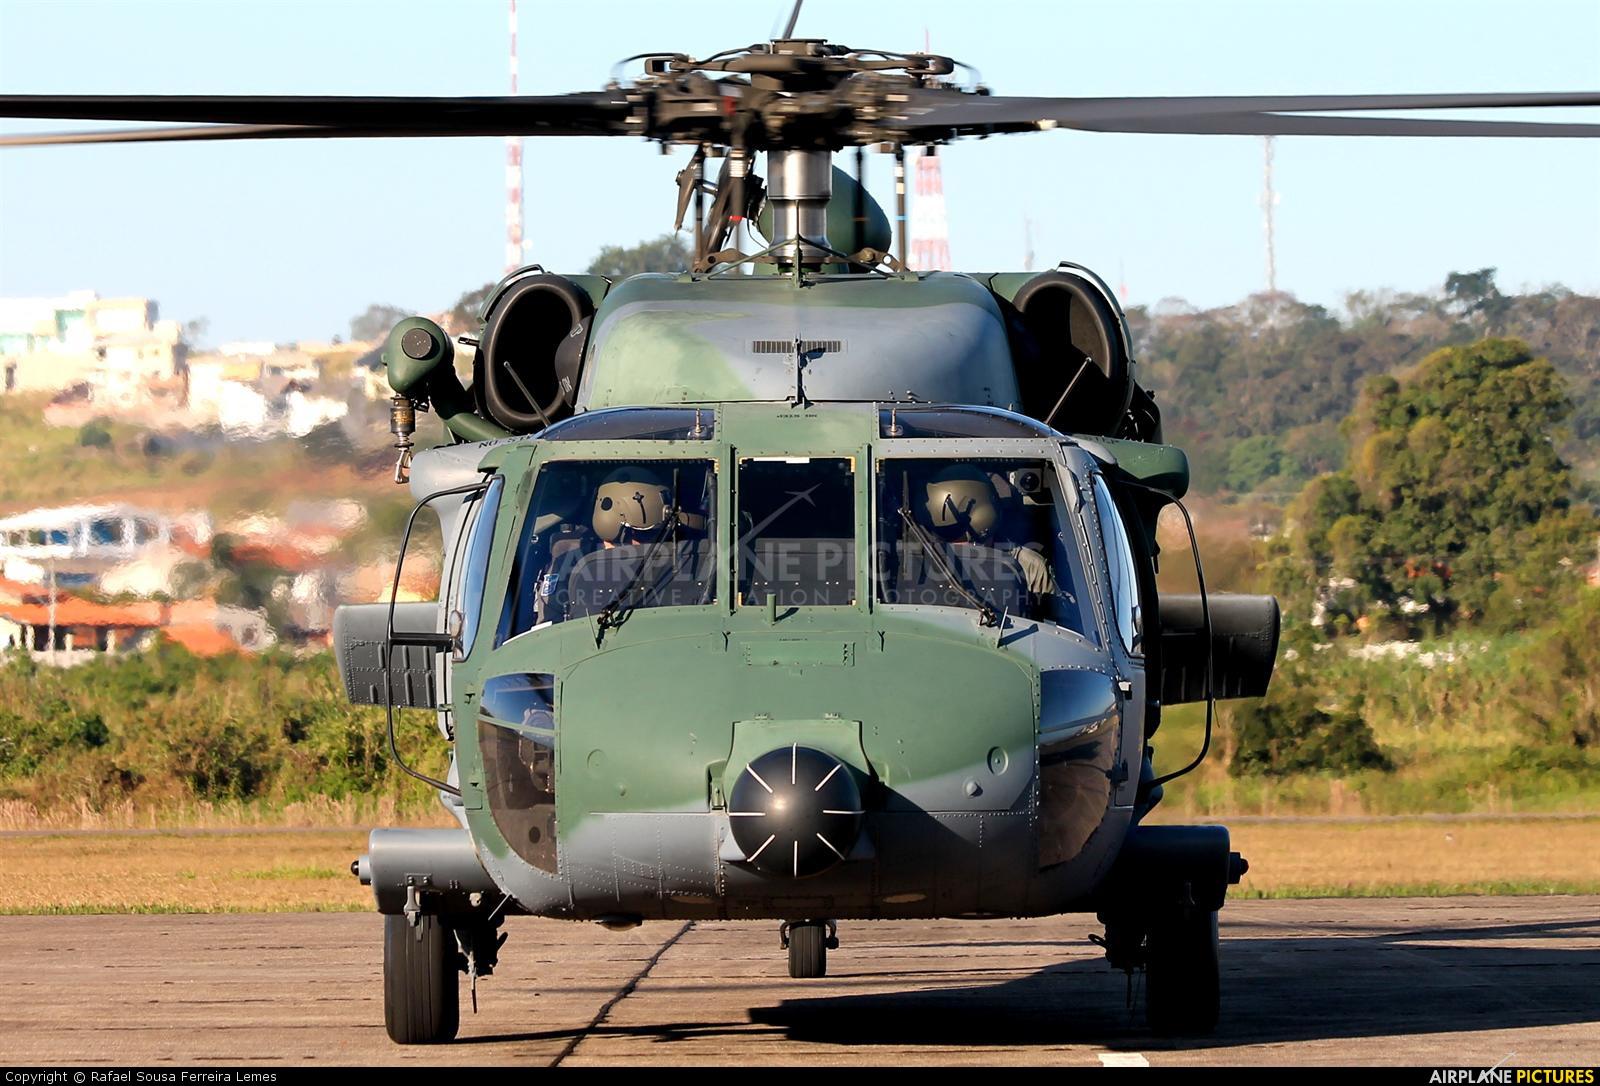 Brazil - Air Force 8911 aircraft at Guaratingueta